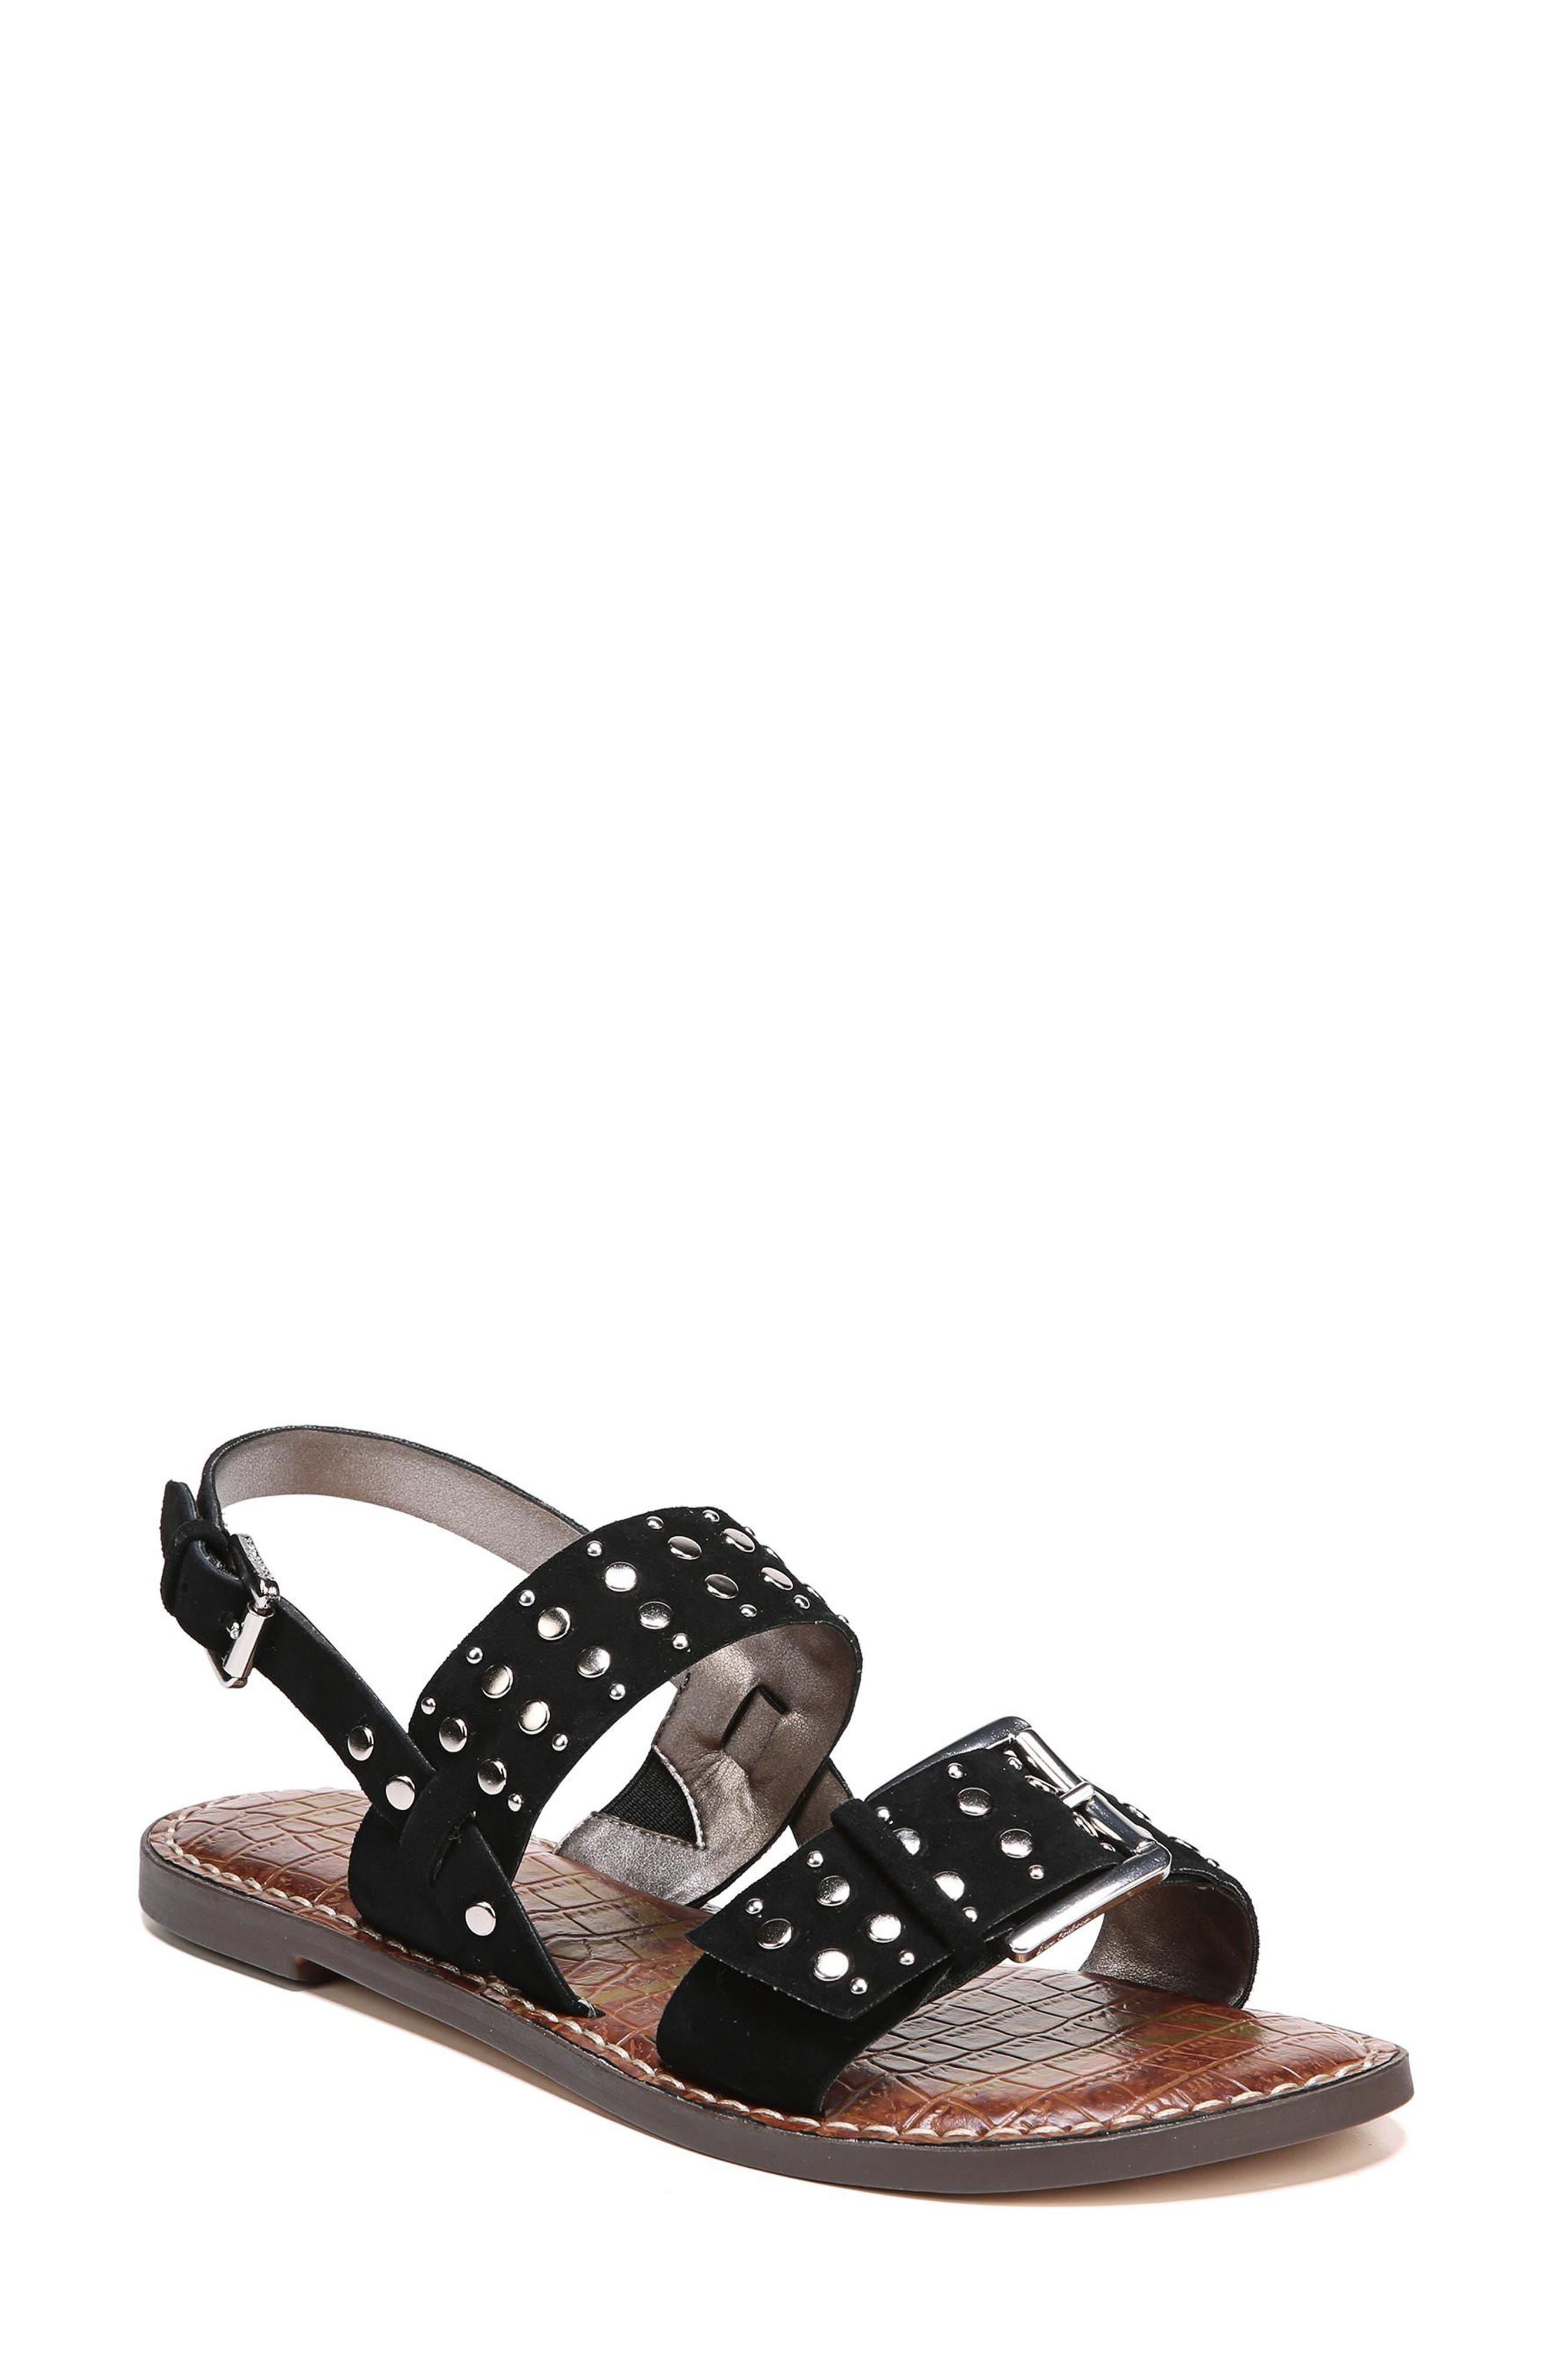 Glade Sandal,                         Main,                         color, Black Suede